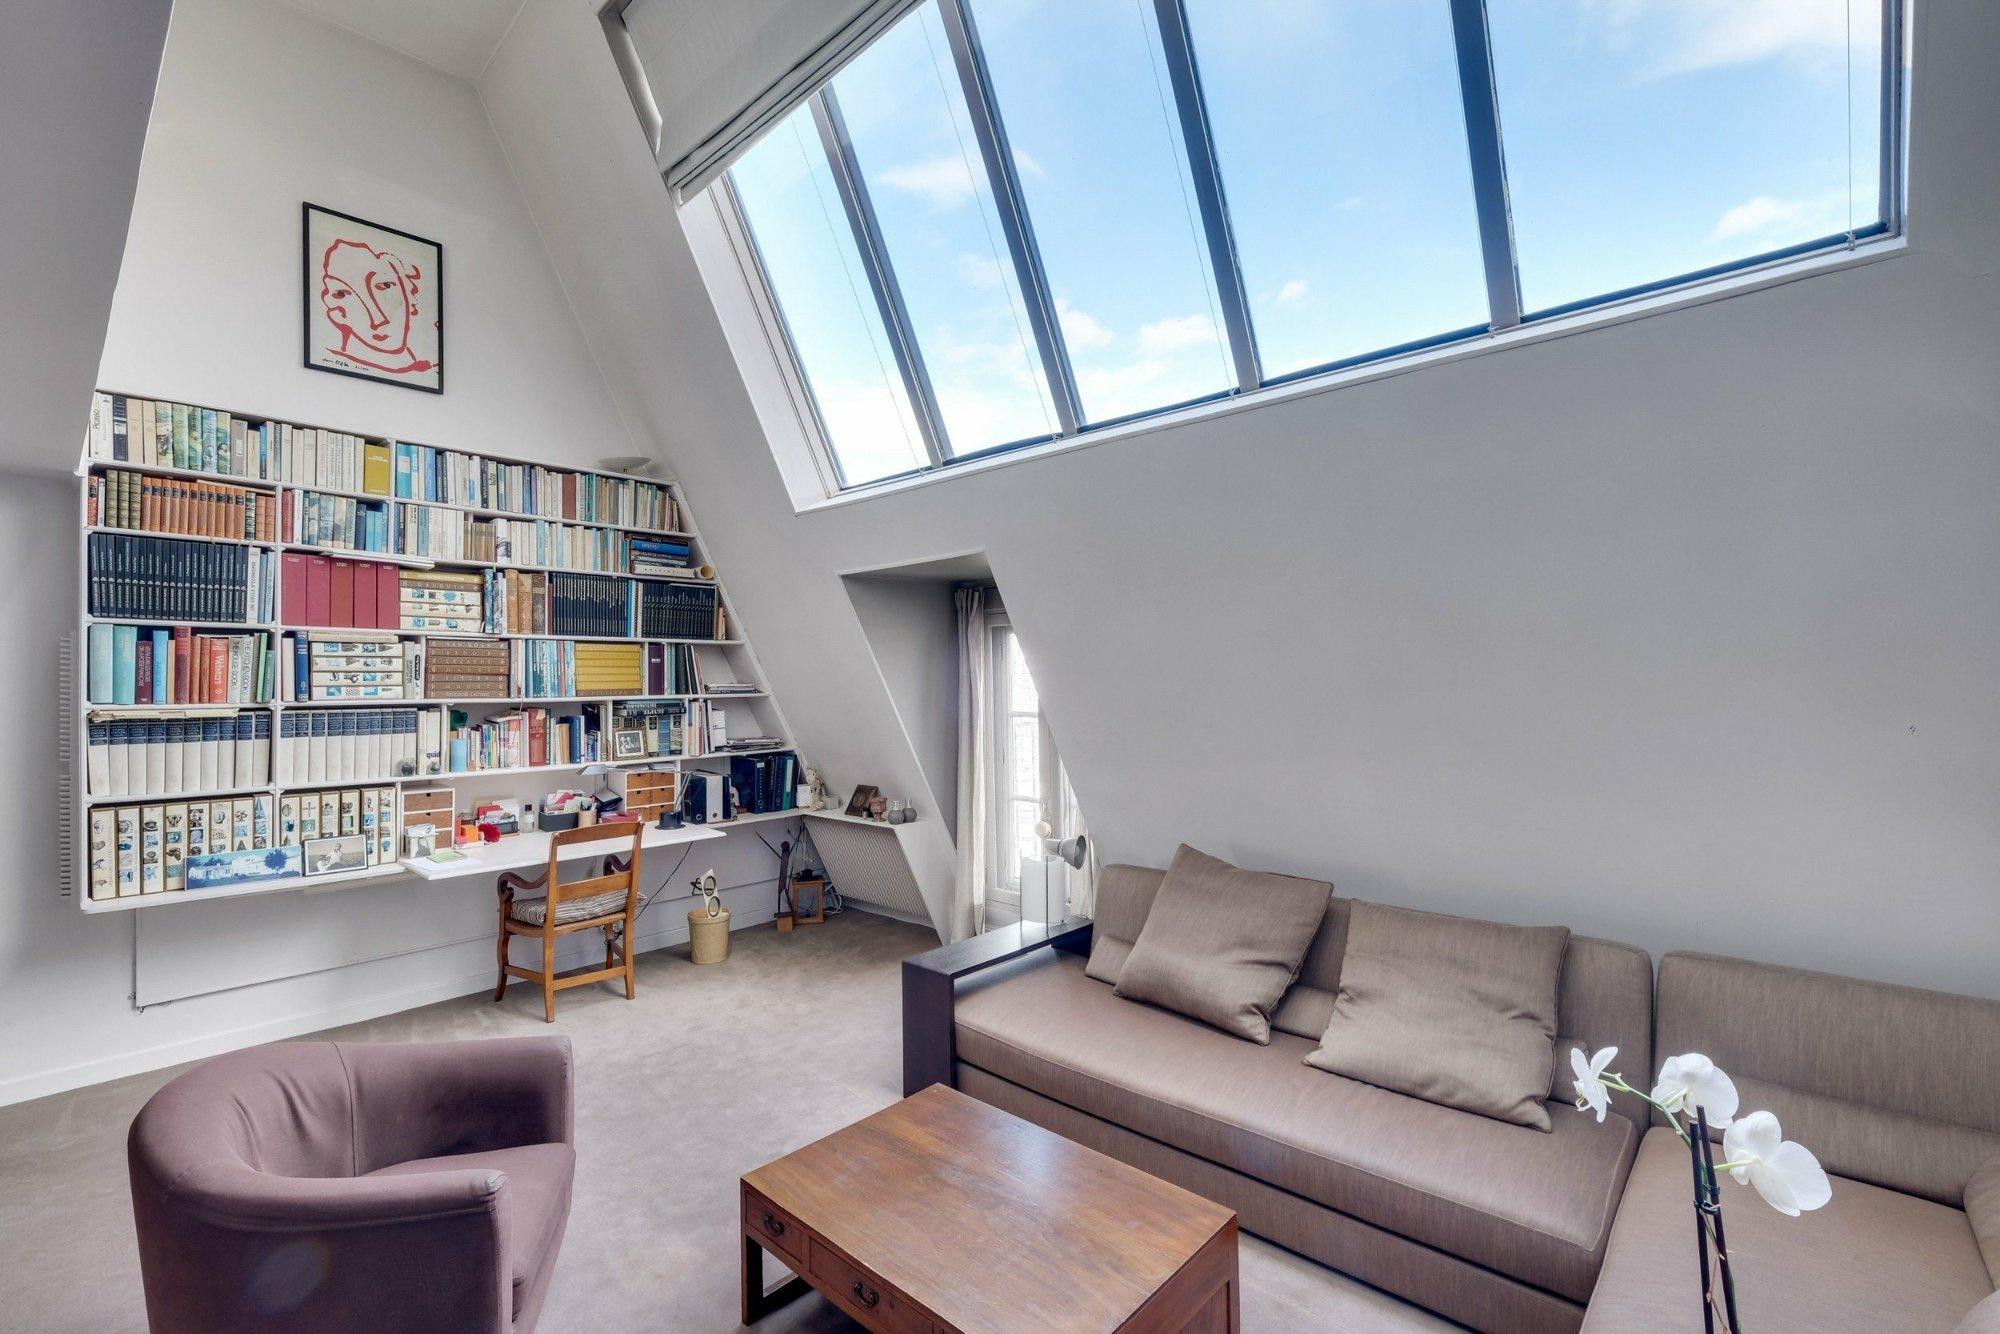 Apartment in Paris, Île-de-France, France 1 - 11364869